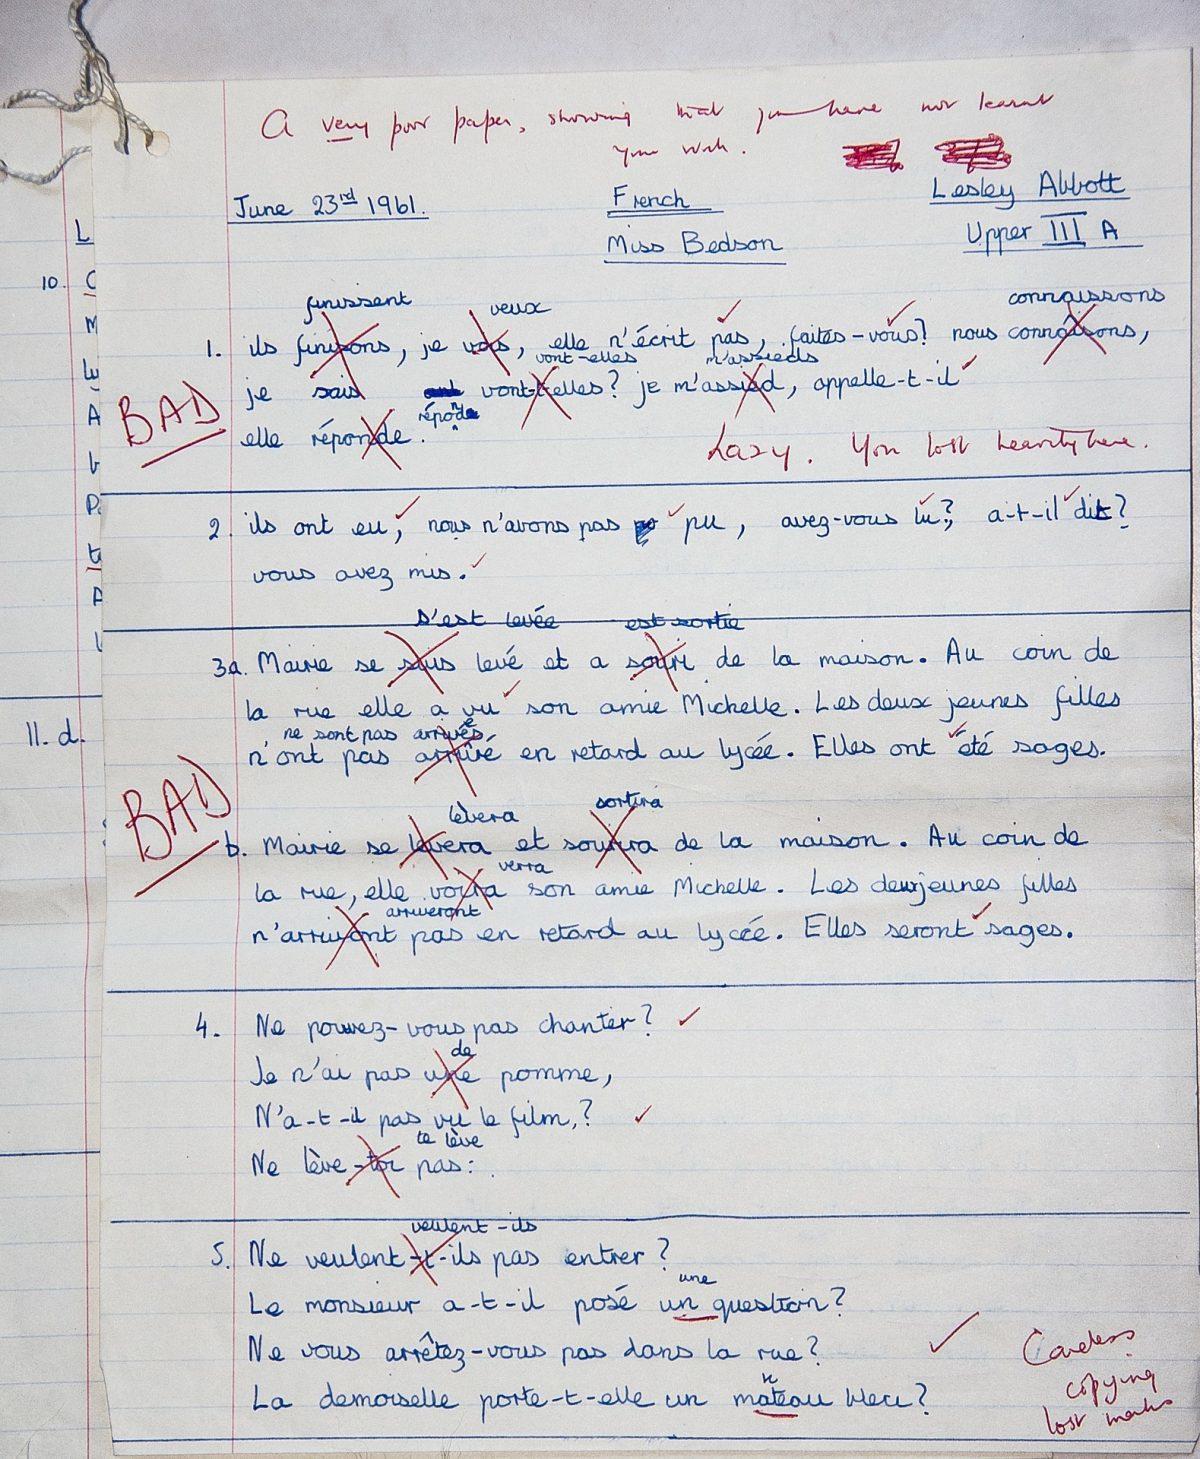 Comment Avoir Des Bonnes Notes : comment, avoir, bonnes, notes, Sujet, Devoir, Maison, Phénomènes, Périodiques